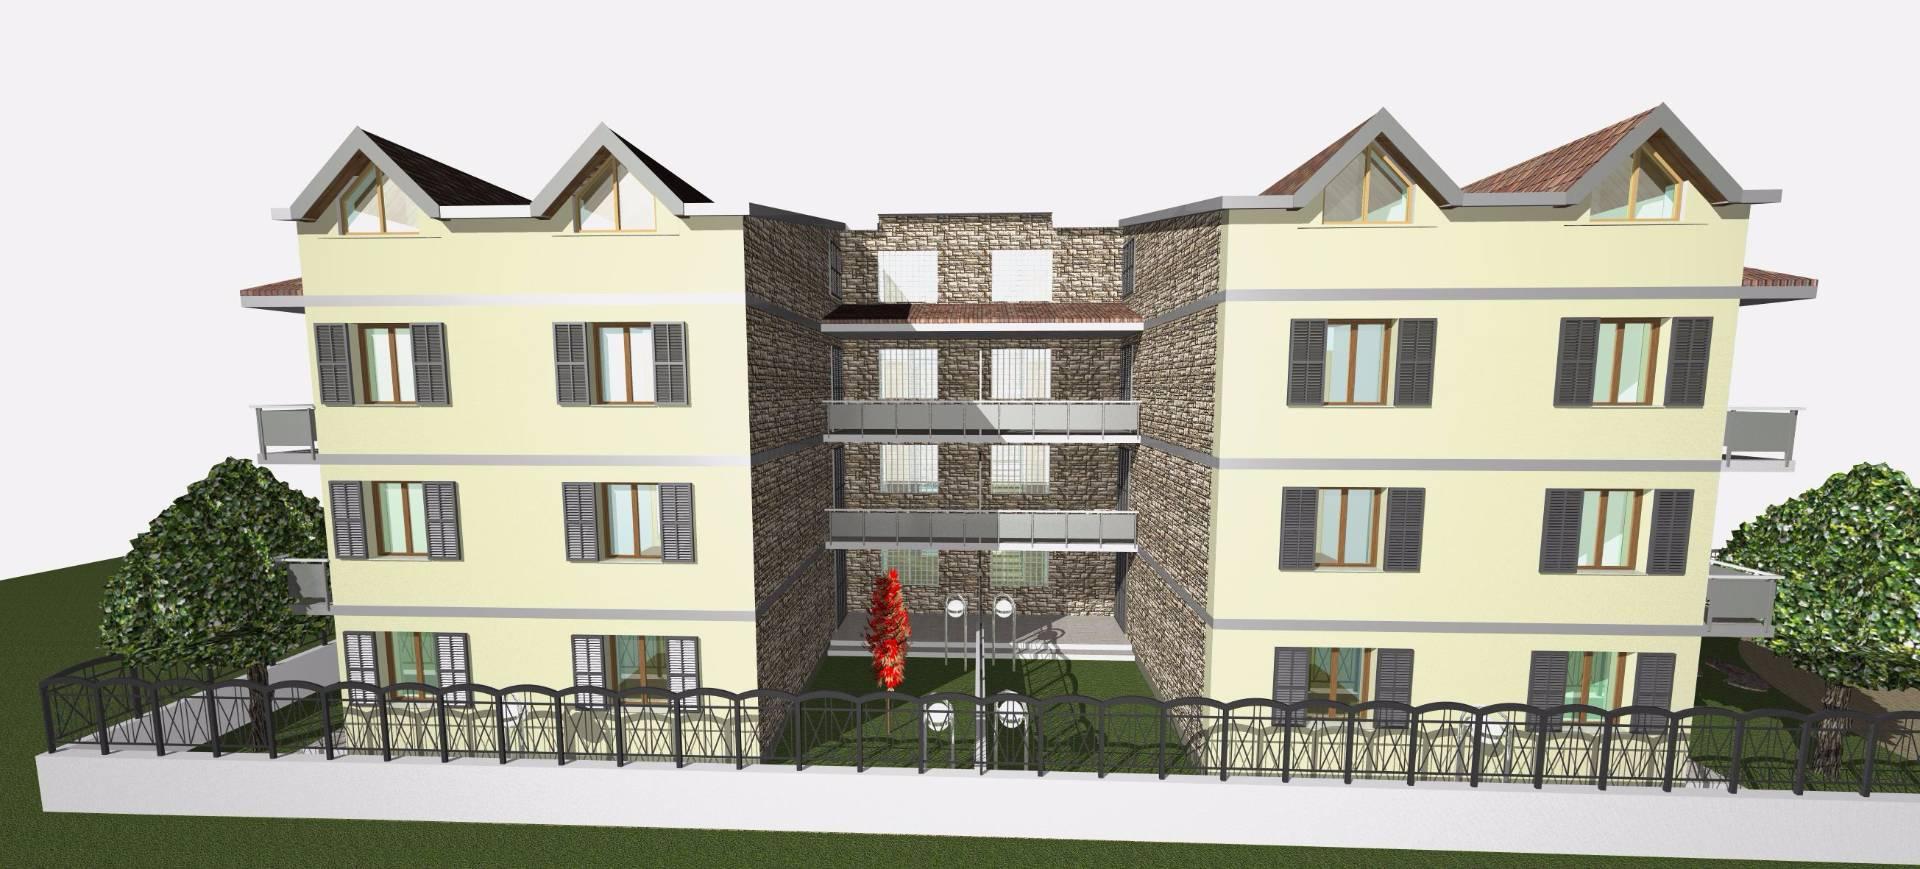 Appartamento in vendita a Santa Maria a Vico, 3 locali, zona Località: SanMarco, prezzo € 85.000 | Cambio Casa.it